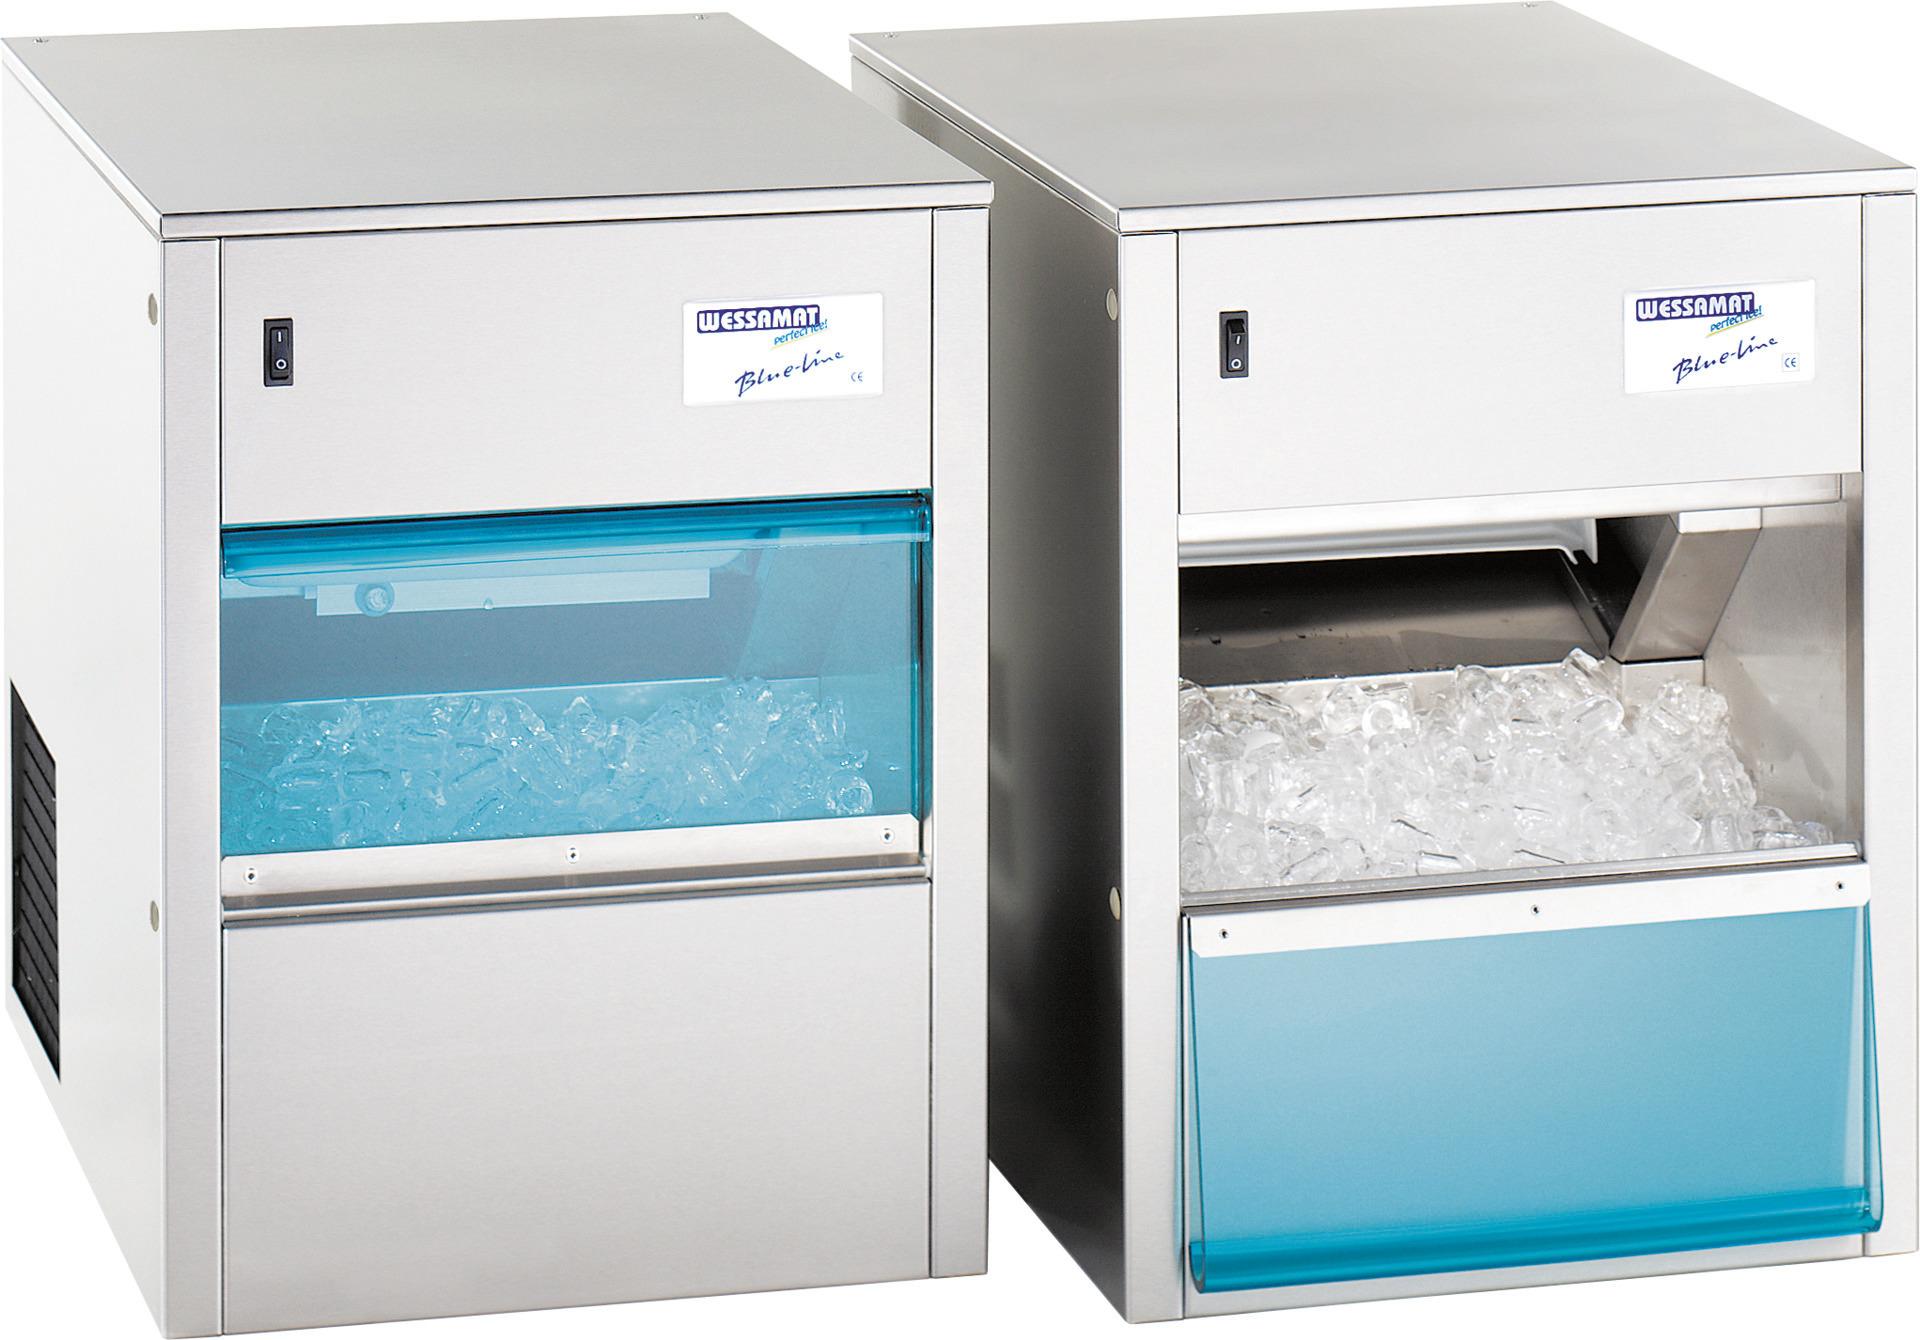 Eiswürfelbereiter W 19 LE / 22,00 kg/24h / 7,00 kg Vorrat / Einbaufähig